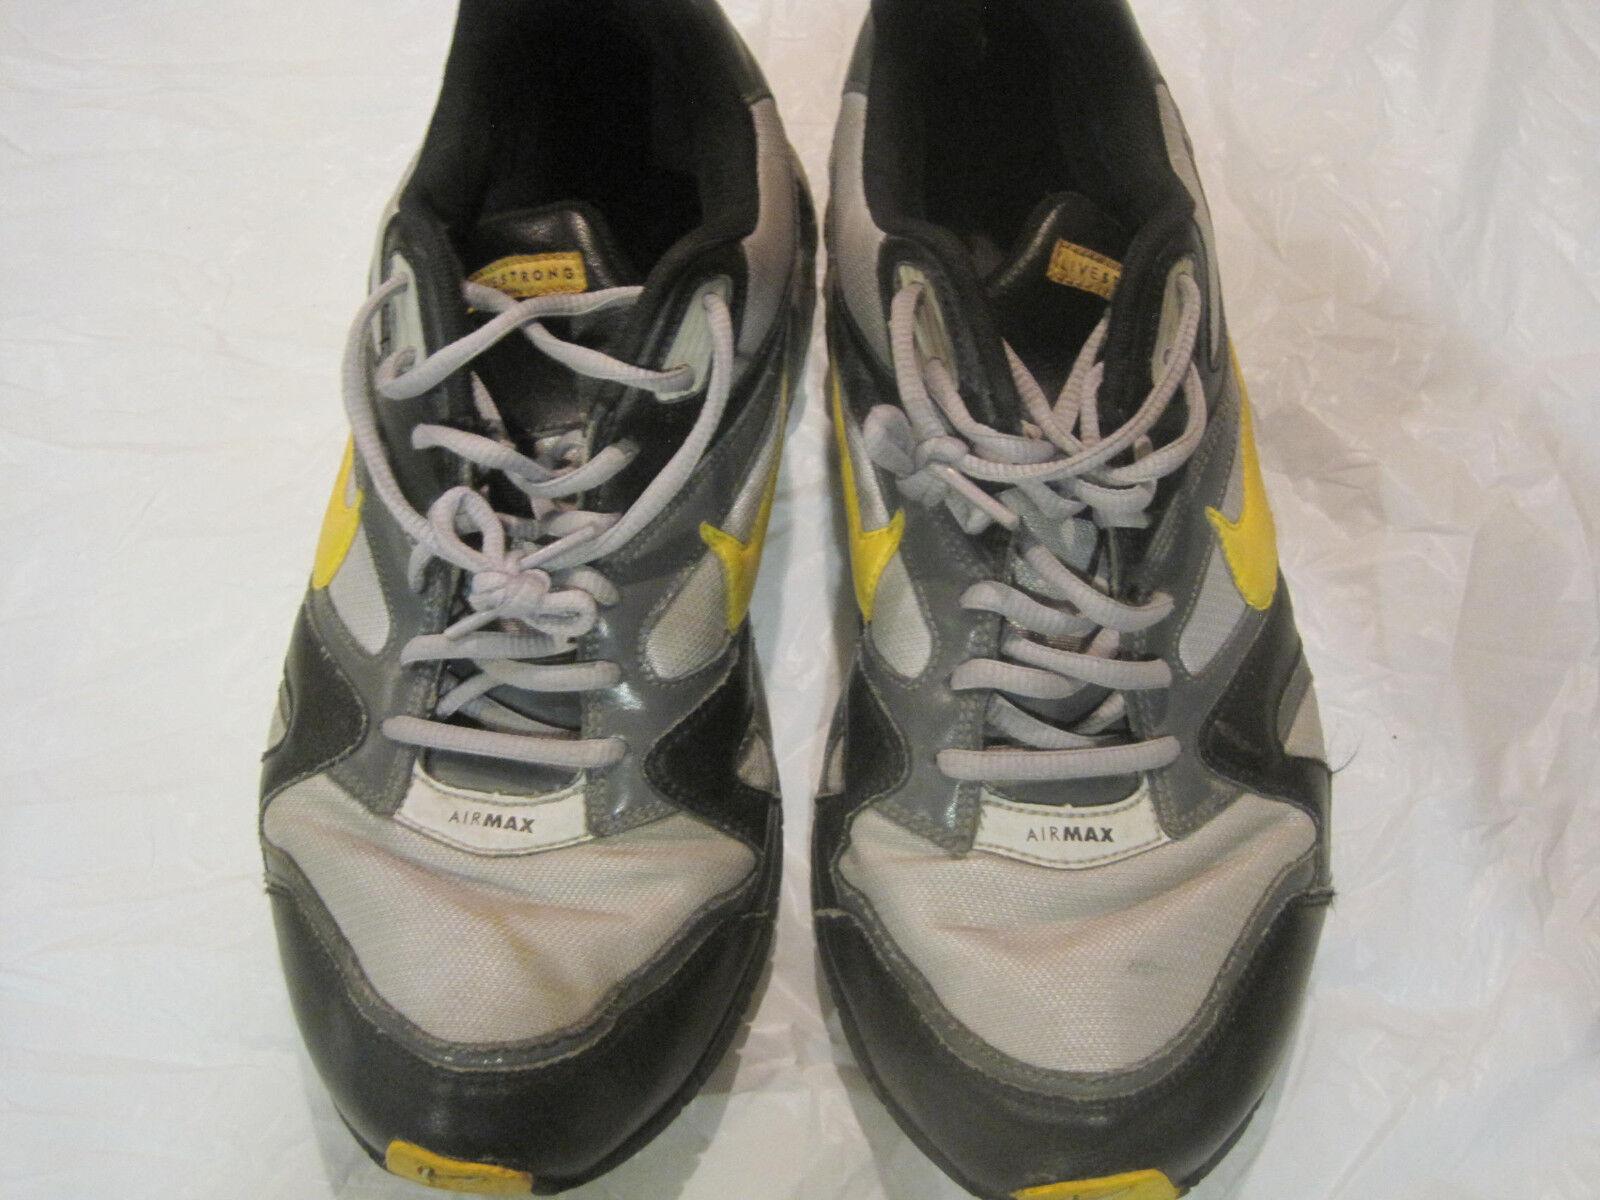 Nike AirMax Men's Sneakers Shoes~Gray Black~Size 13 US~LBDWN